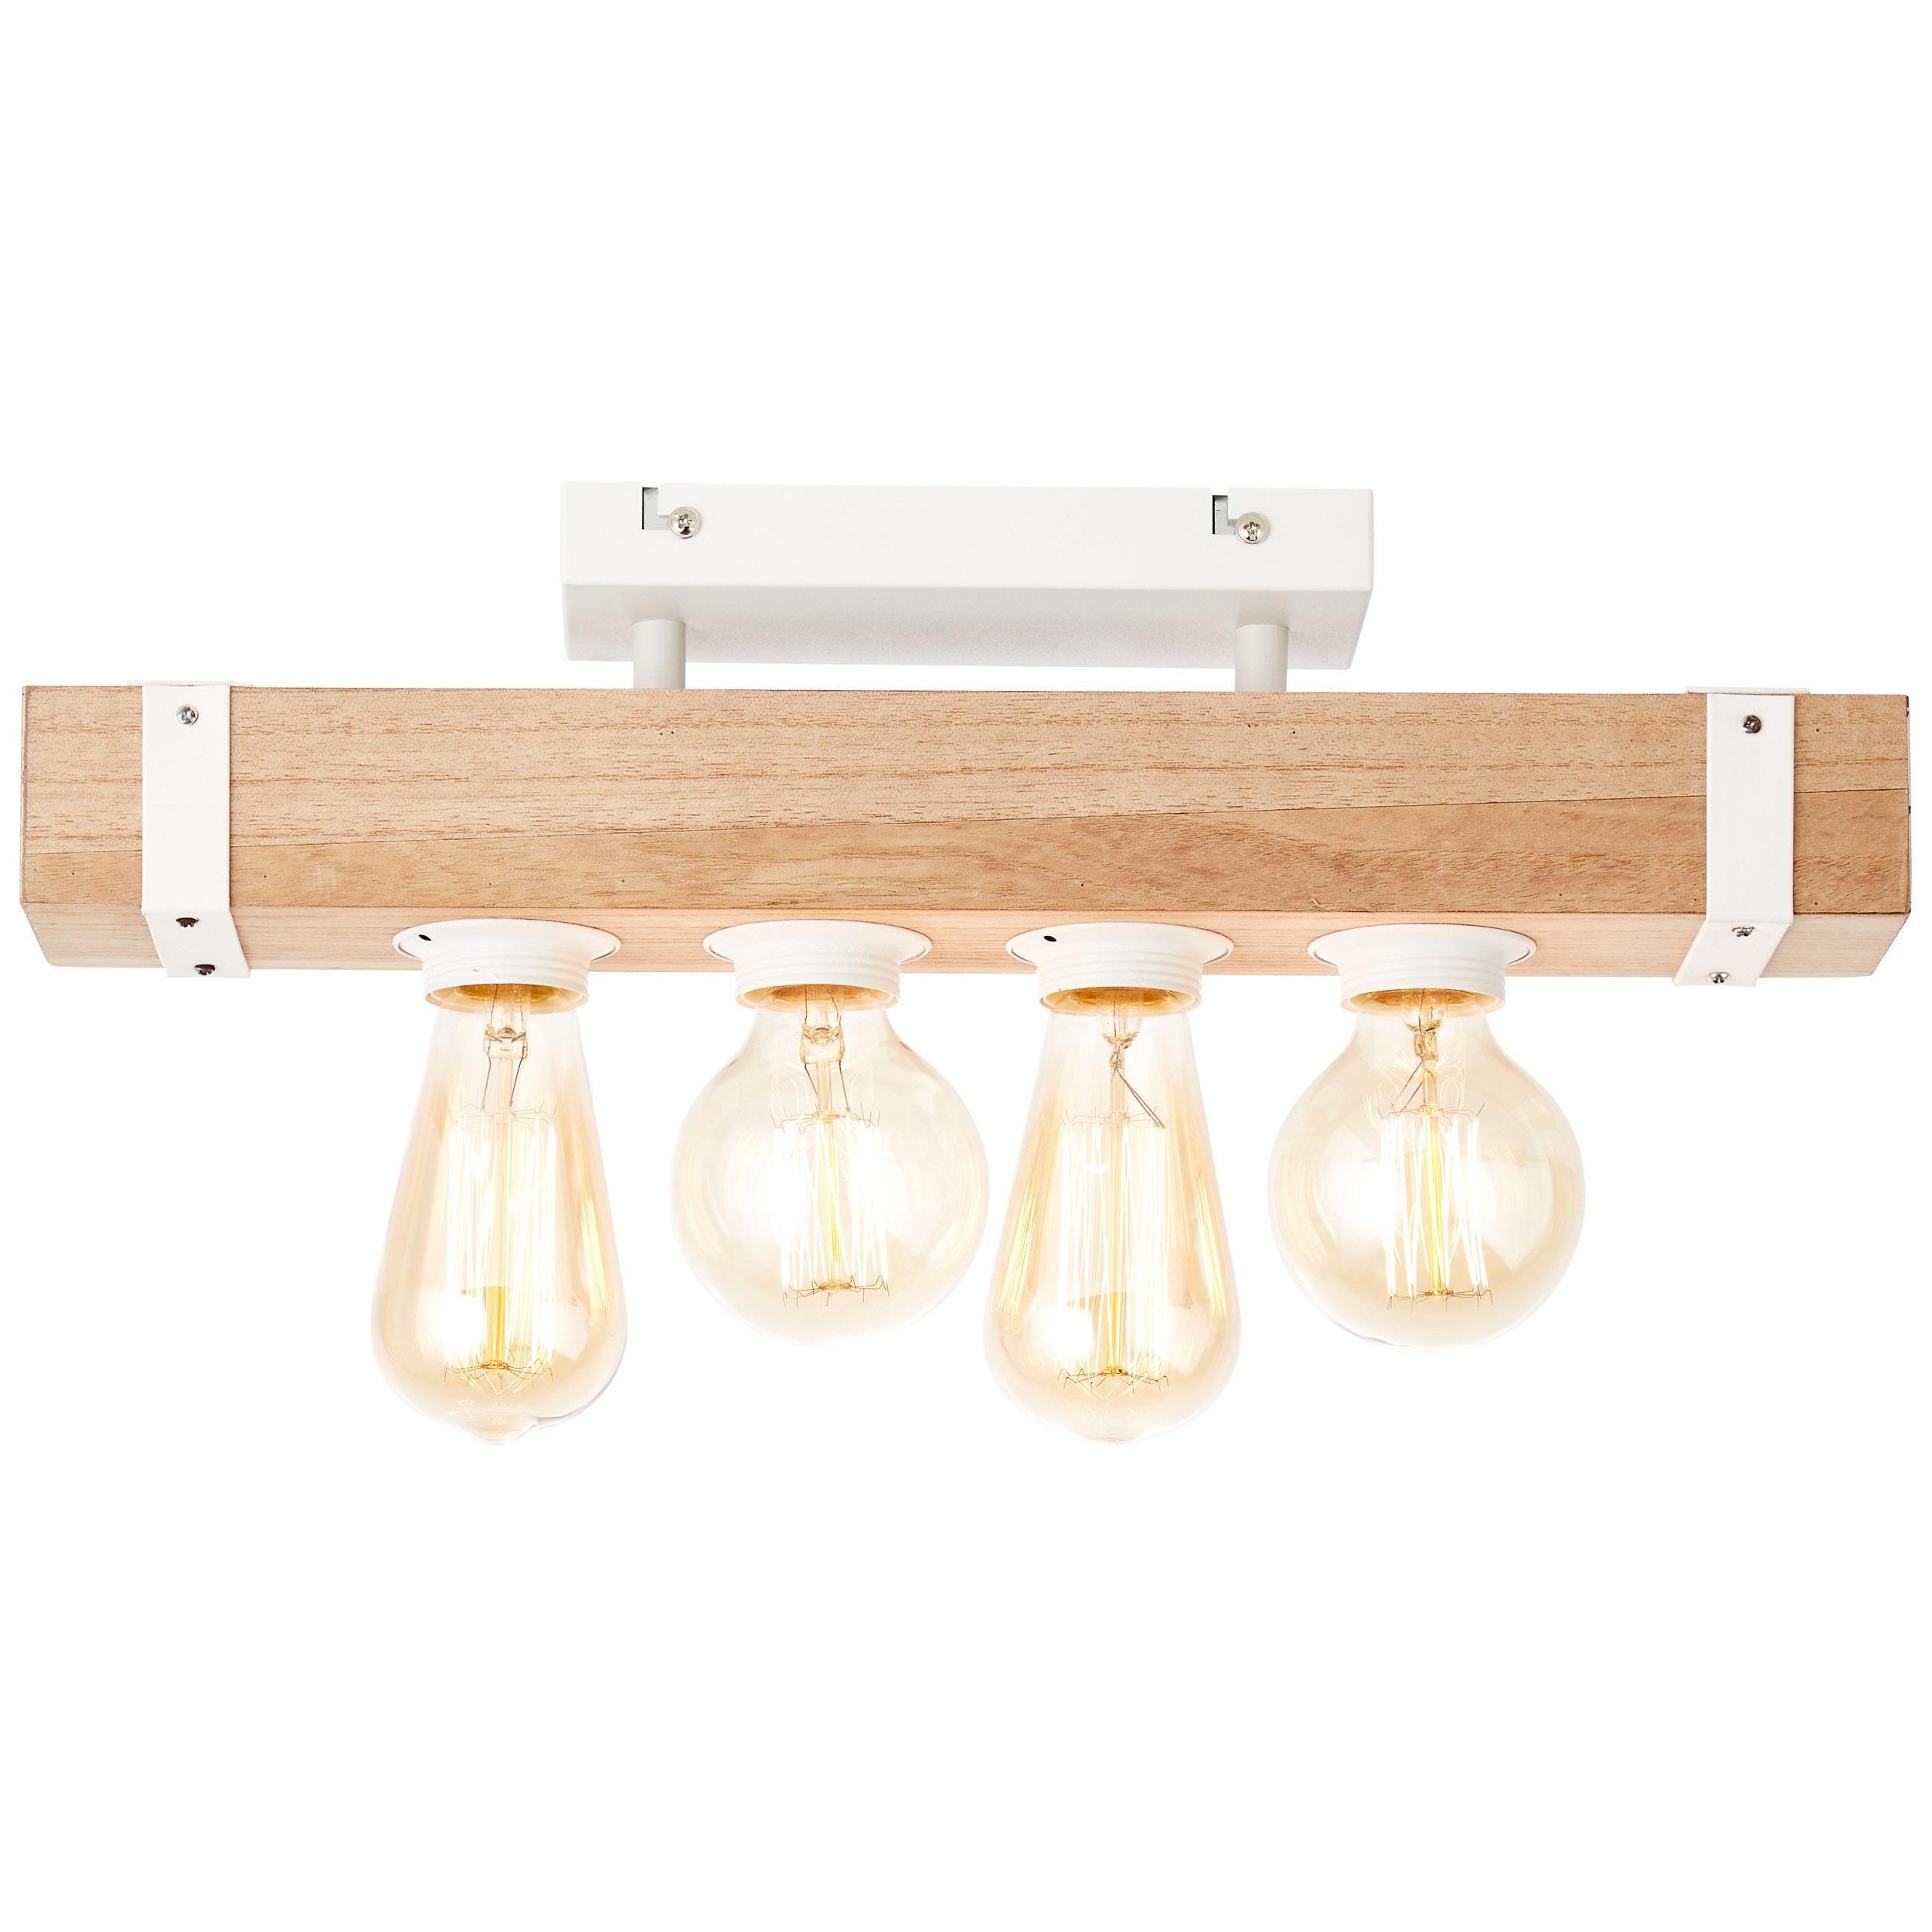 Brilliant Leuchten White Wood Deckenleuchte 4flg beton/holz hellweiß